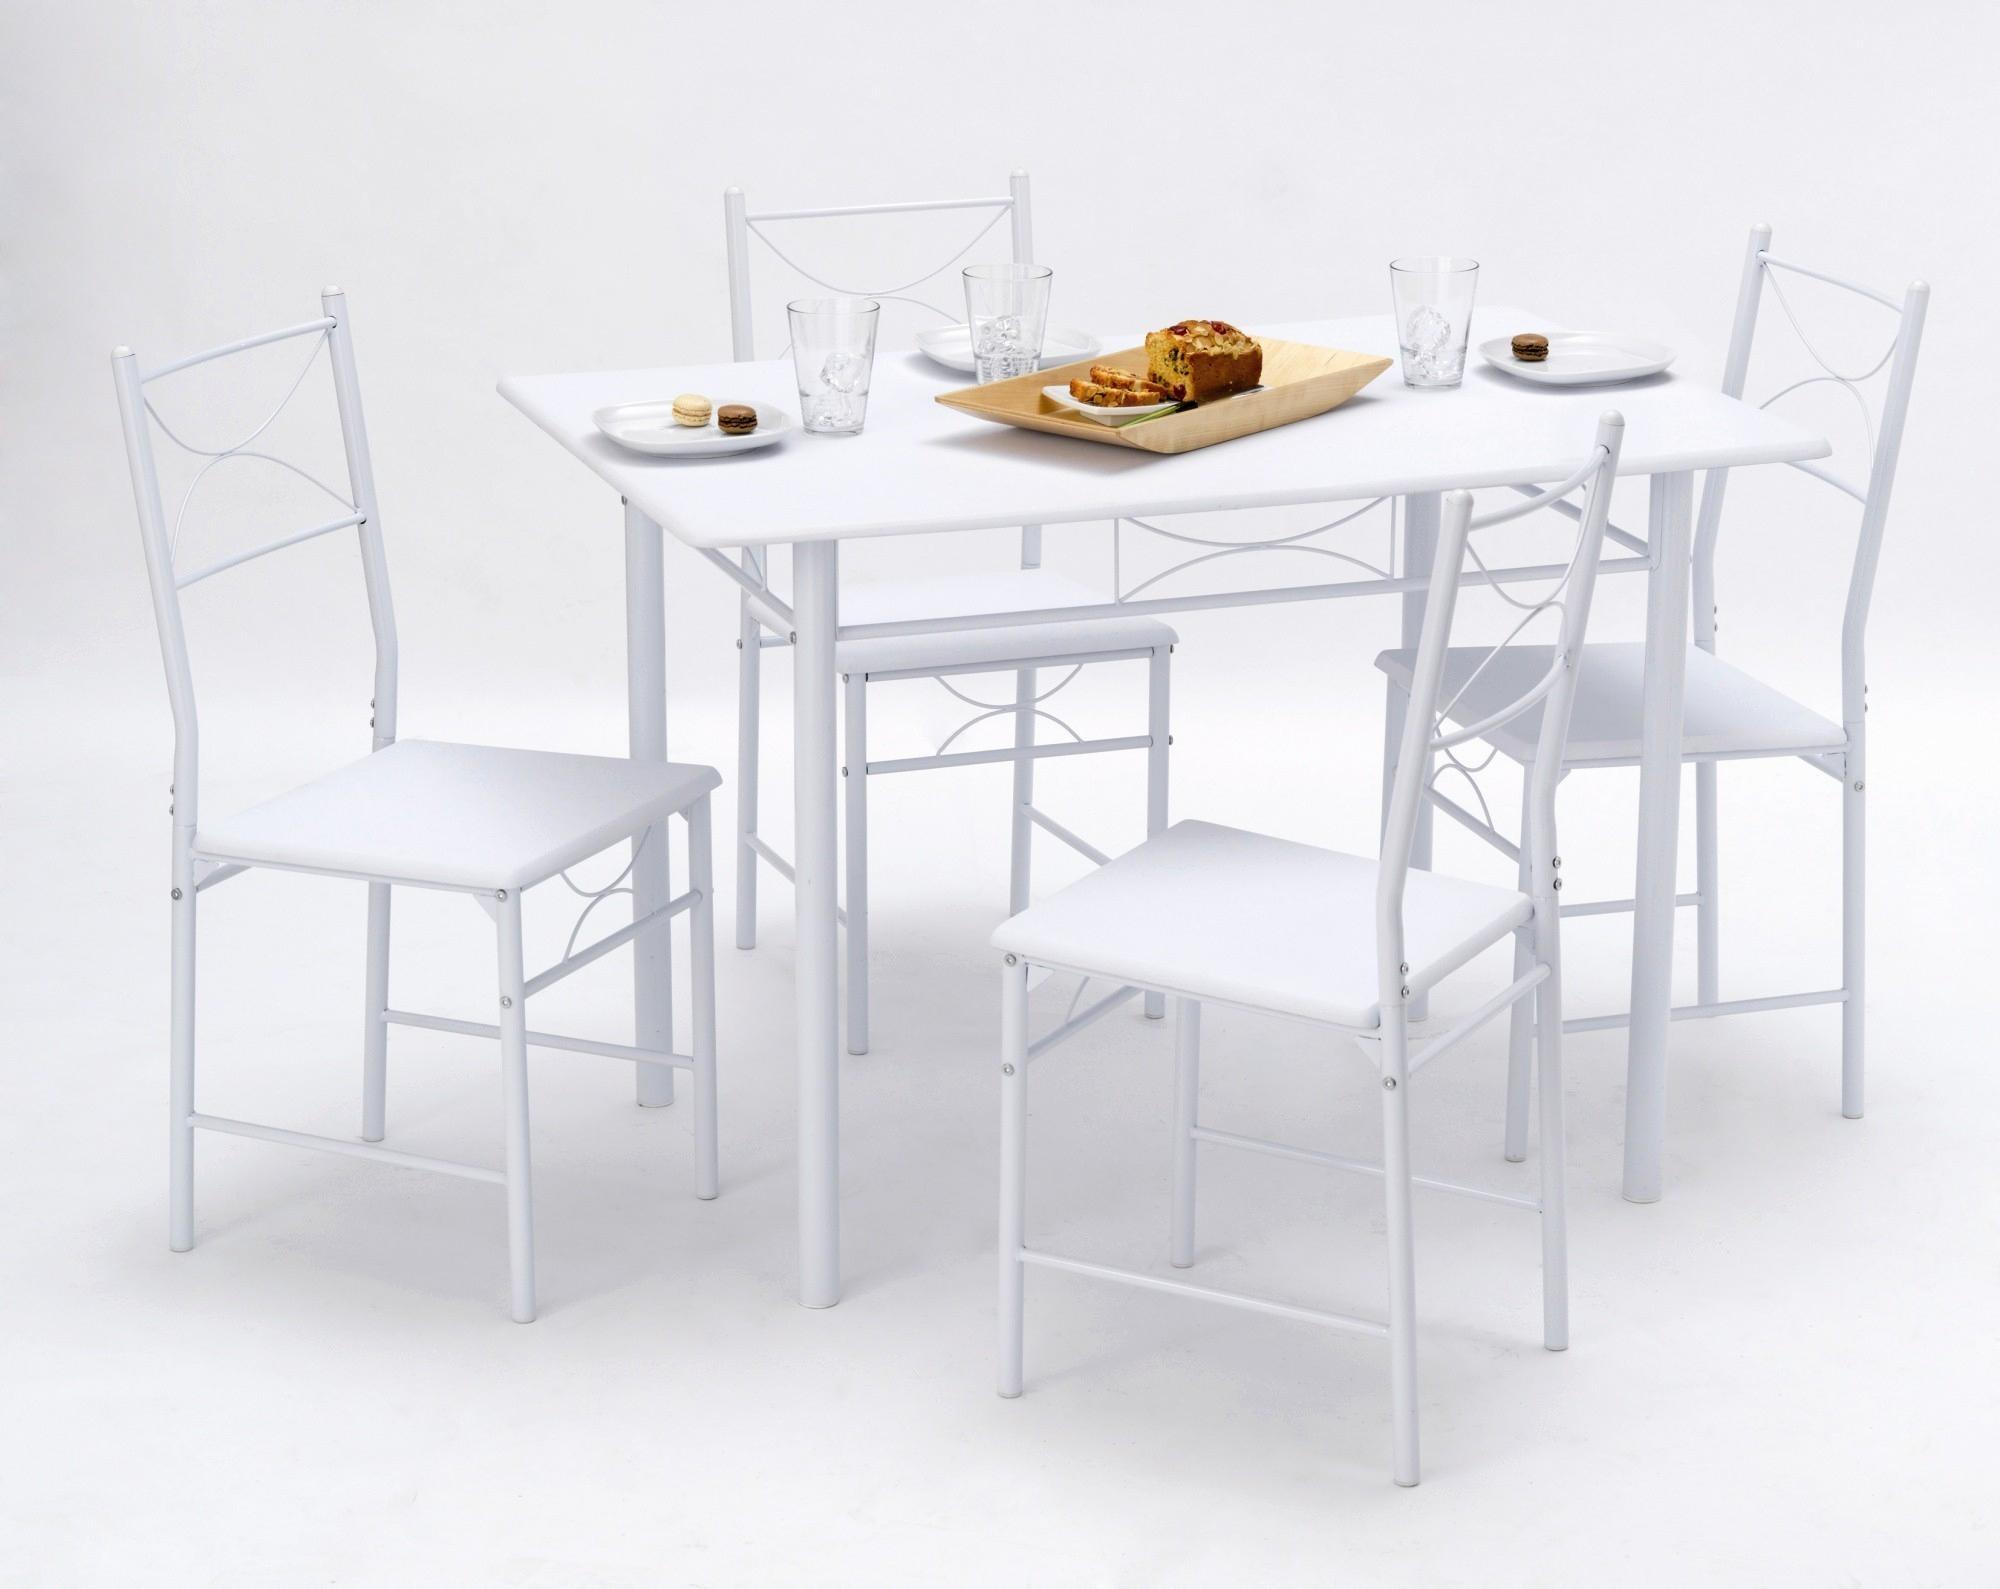 table ronde et chaises lgant mange debout alinea unique beau table ronde et chaises elegant mange debout alinea unique chaise 0d of